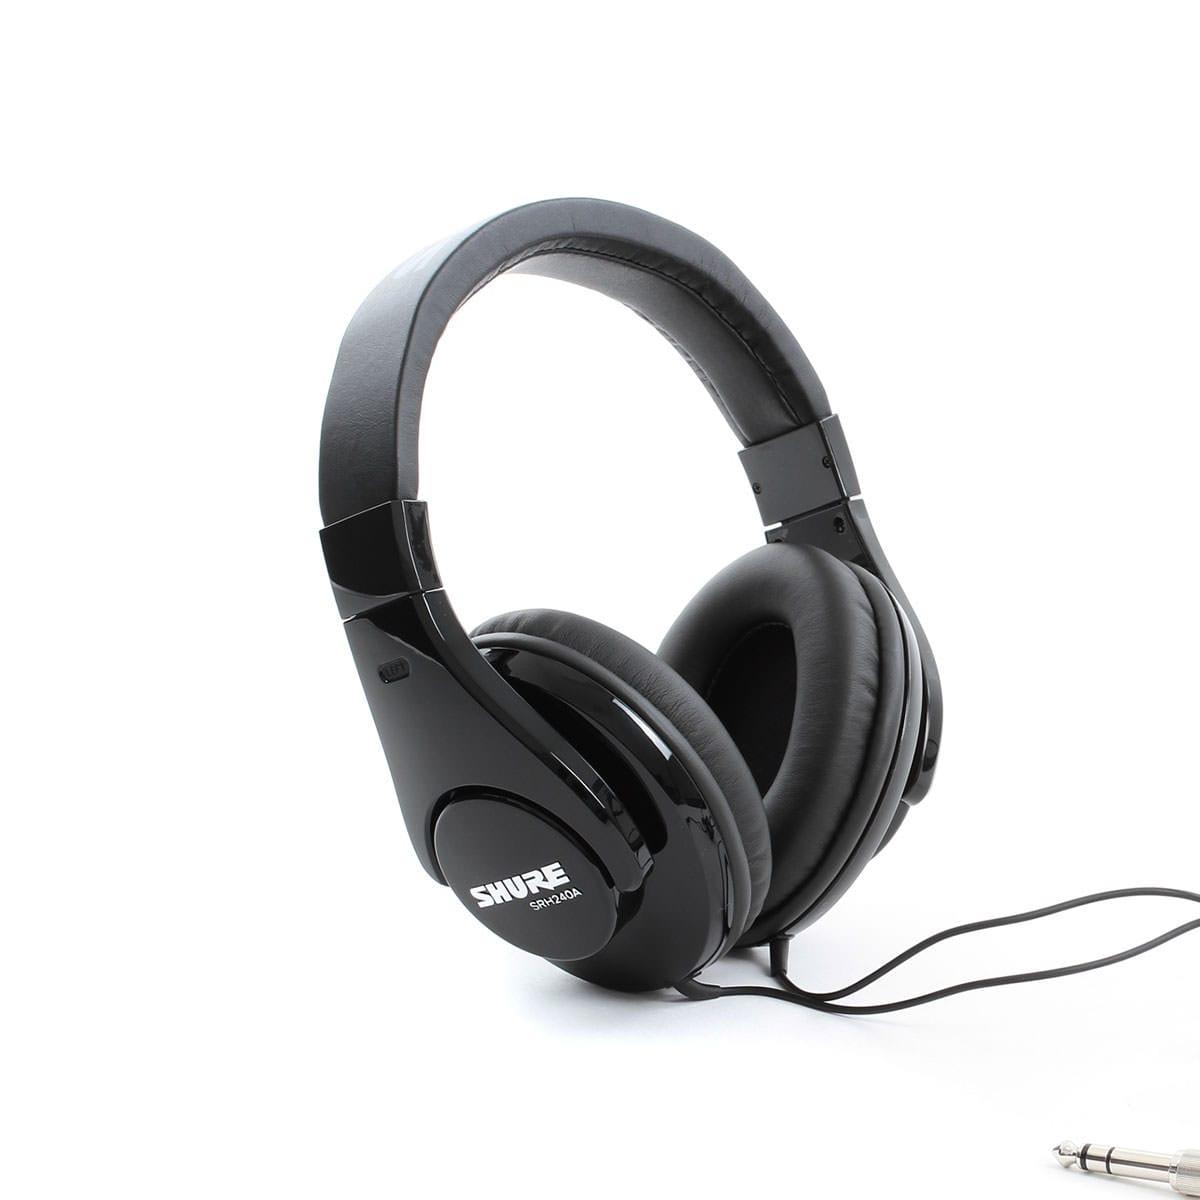 Shure SRH 240A Pro Studio Headphones 1